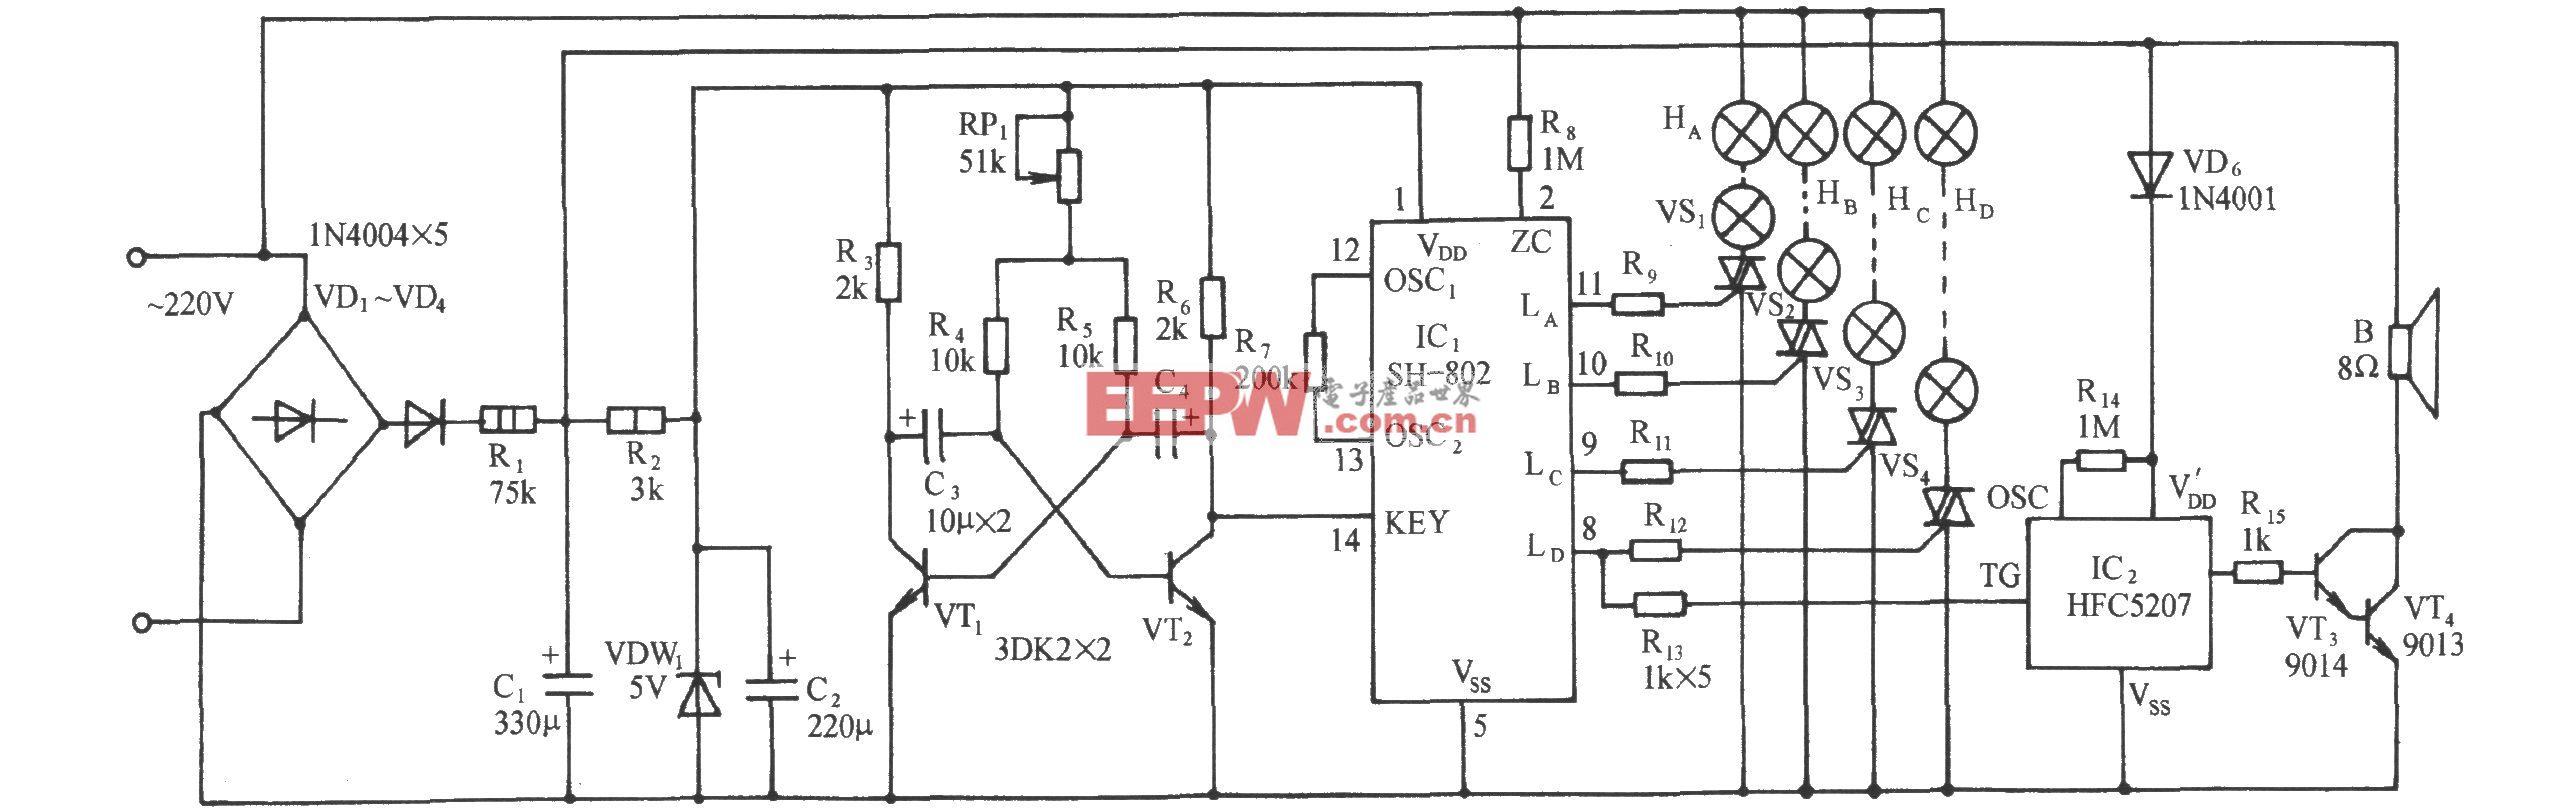 SH-802多种闪光花样彩灯伴迪斯科乐曲控制电路